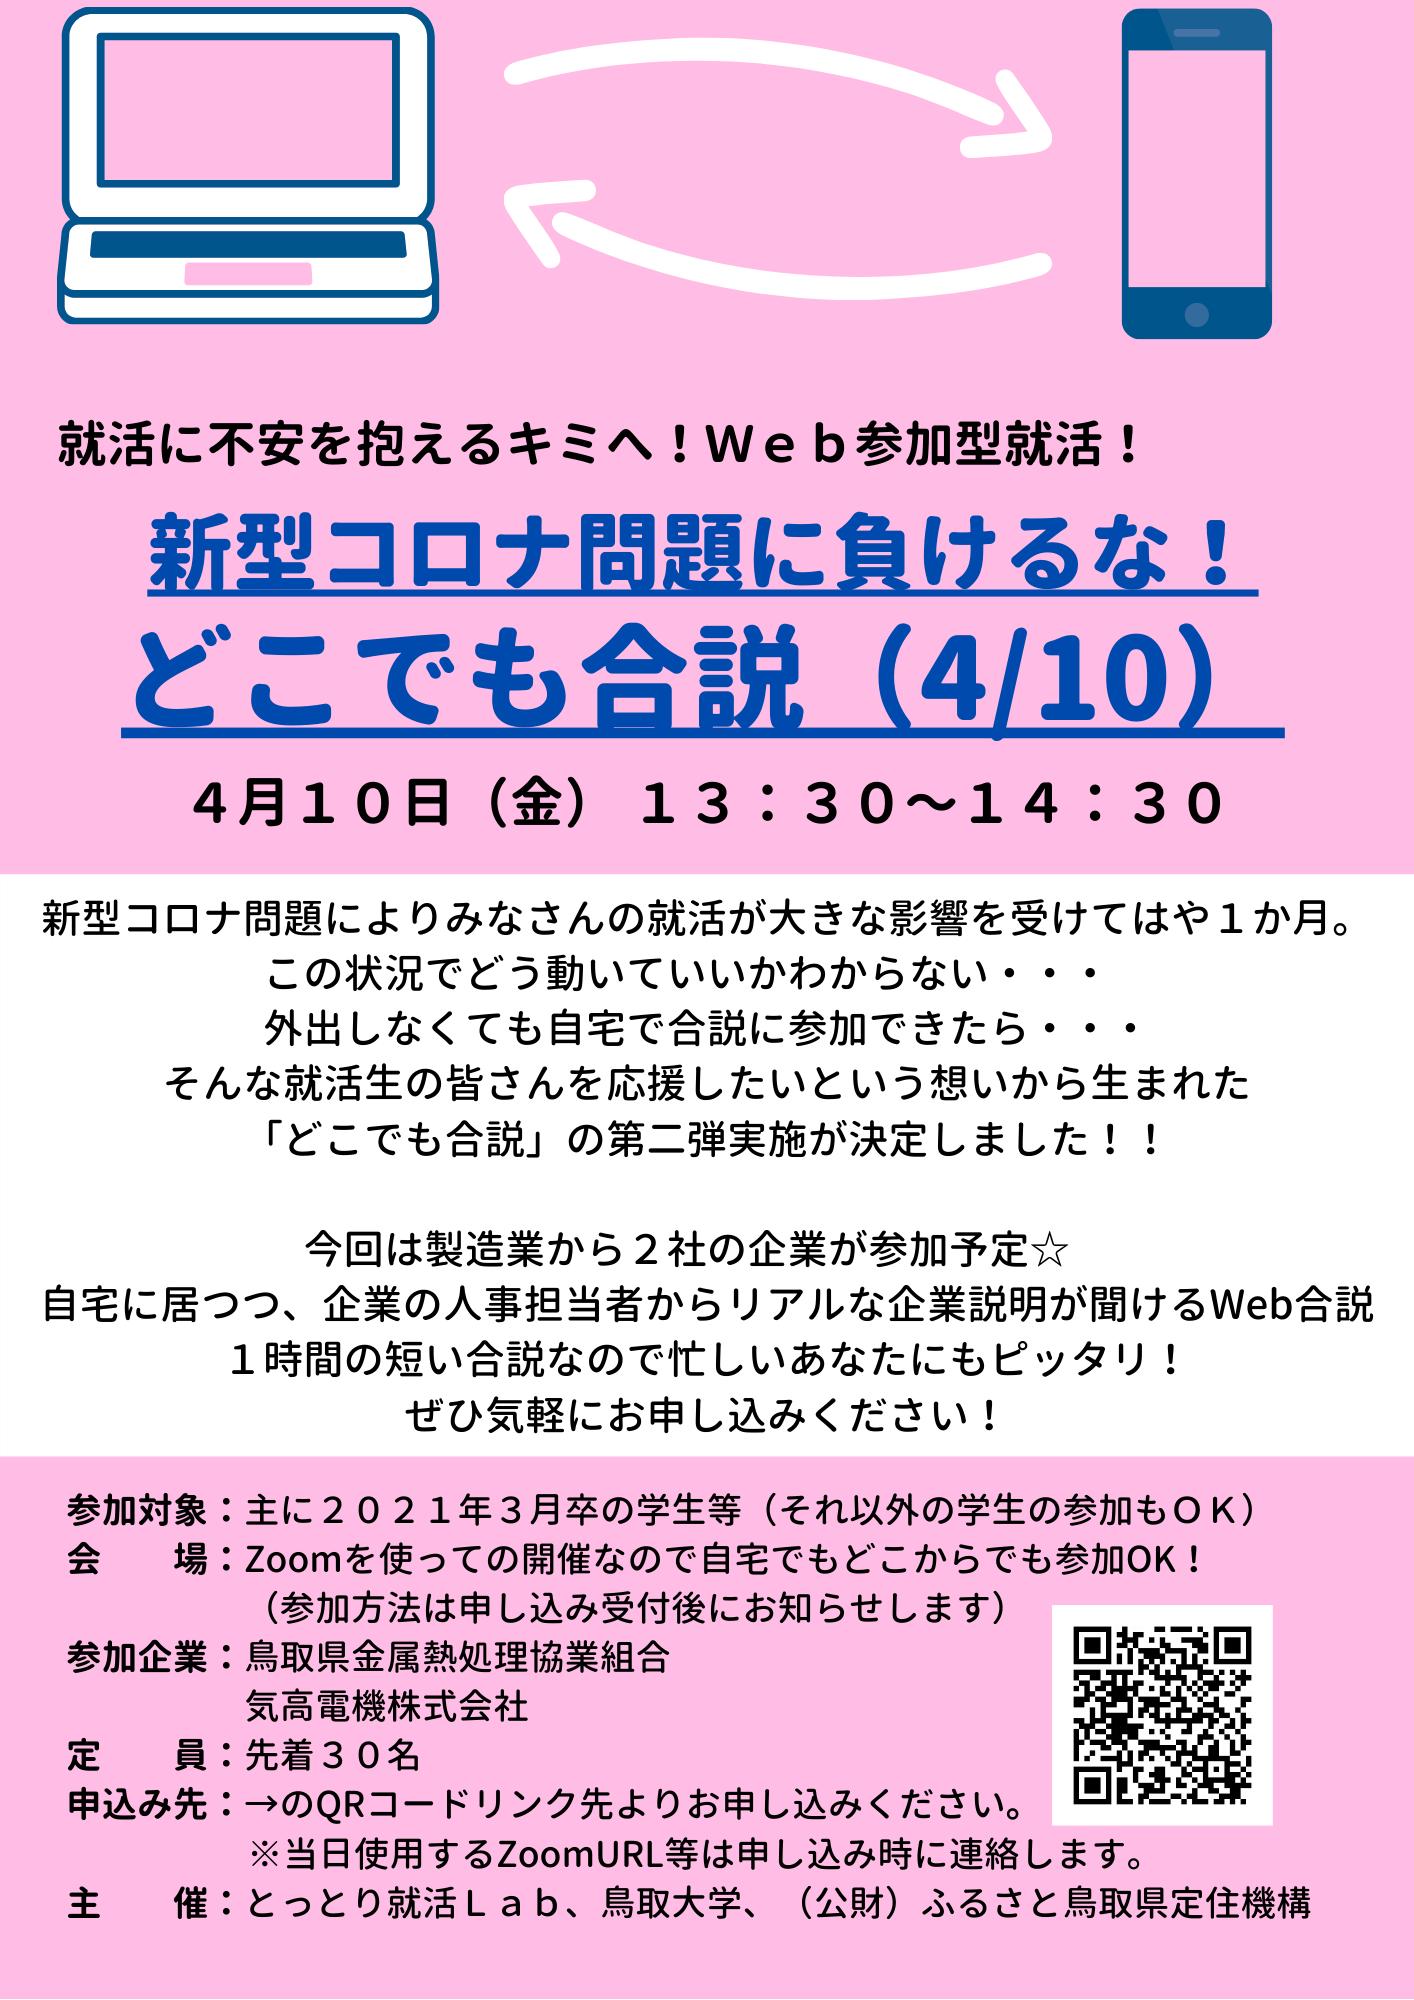 新型コロナ問題に負けるな!どこでも合説 ふるさと鳥取県定住機構